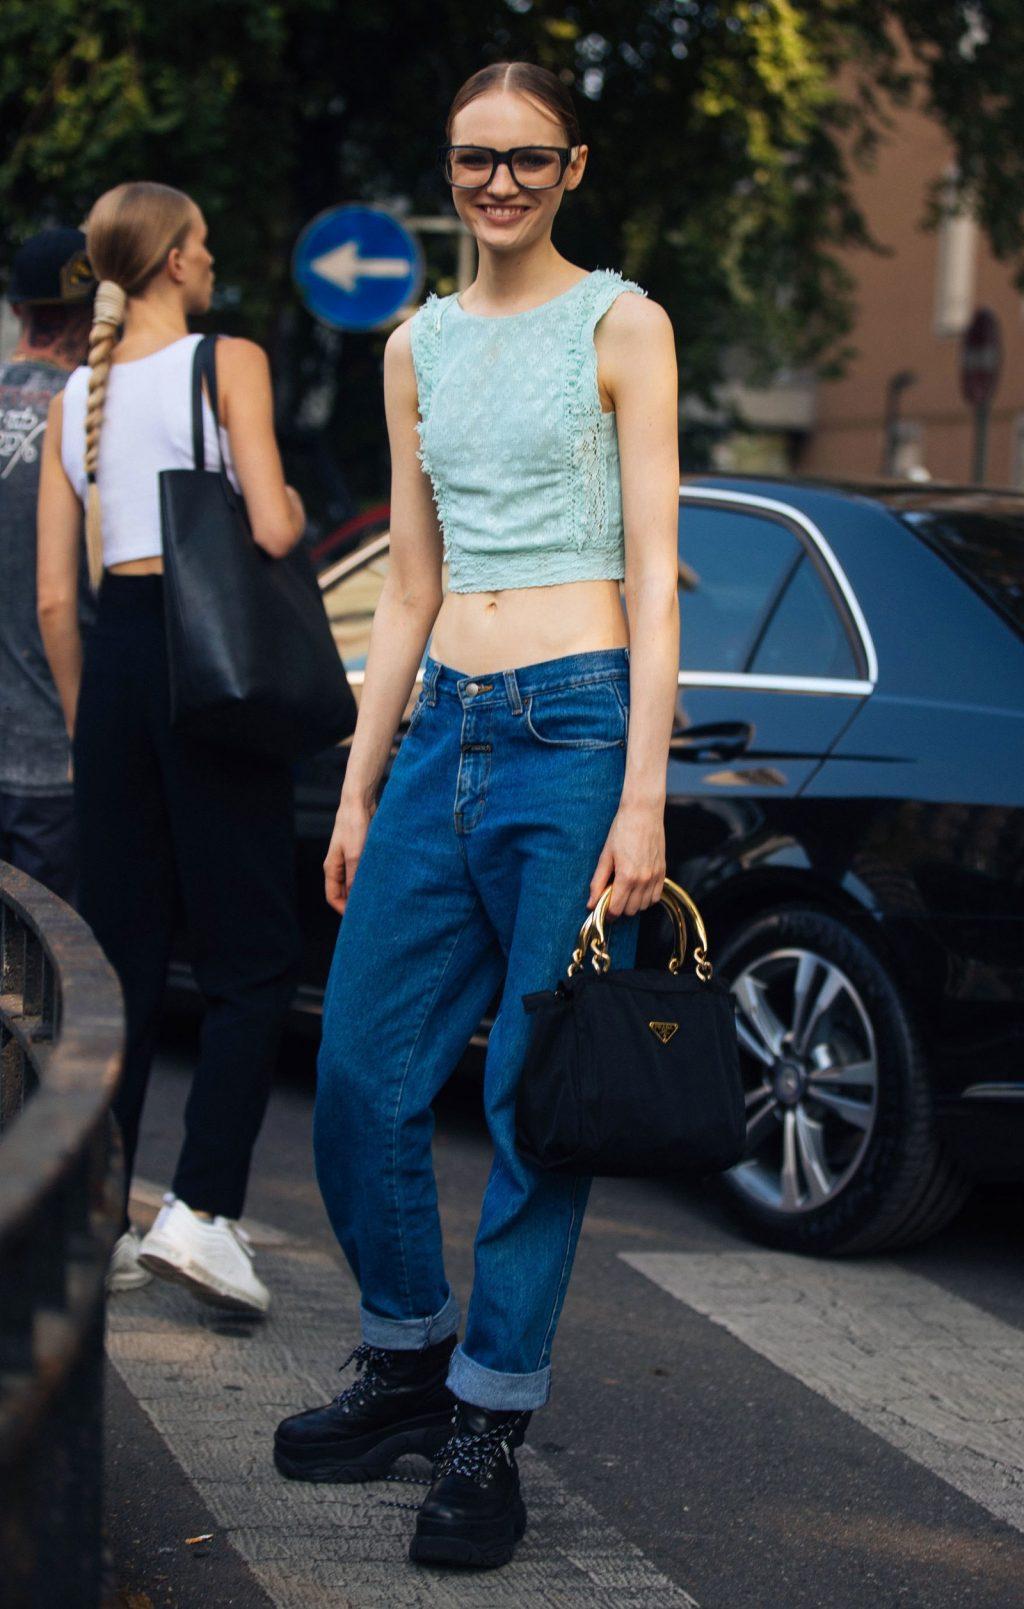 Làm sao để mặc quần cạp trễ đẹp?